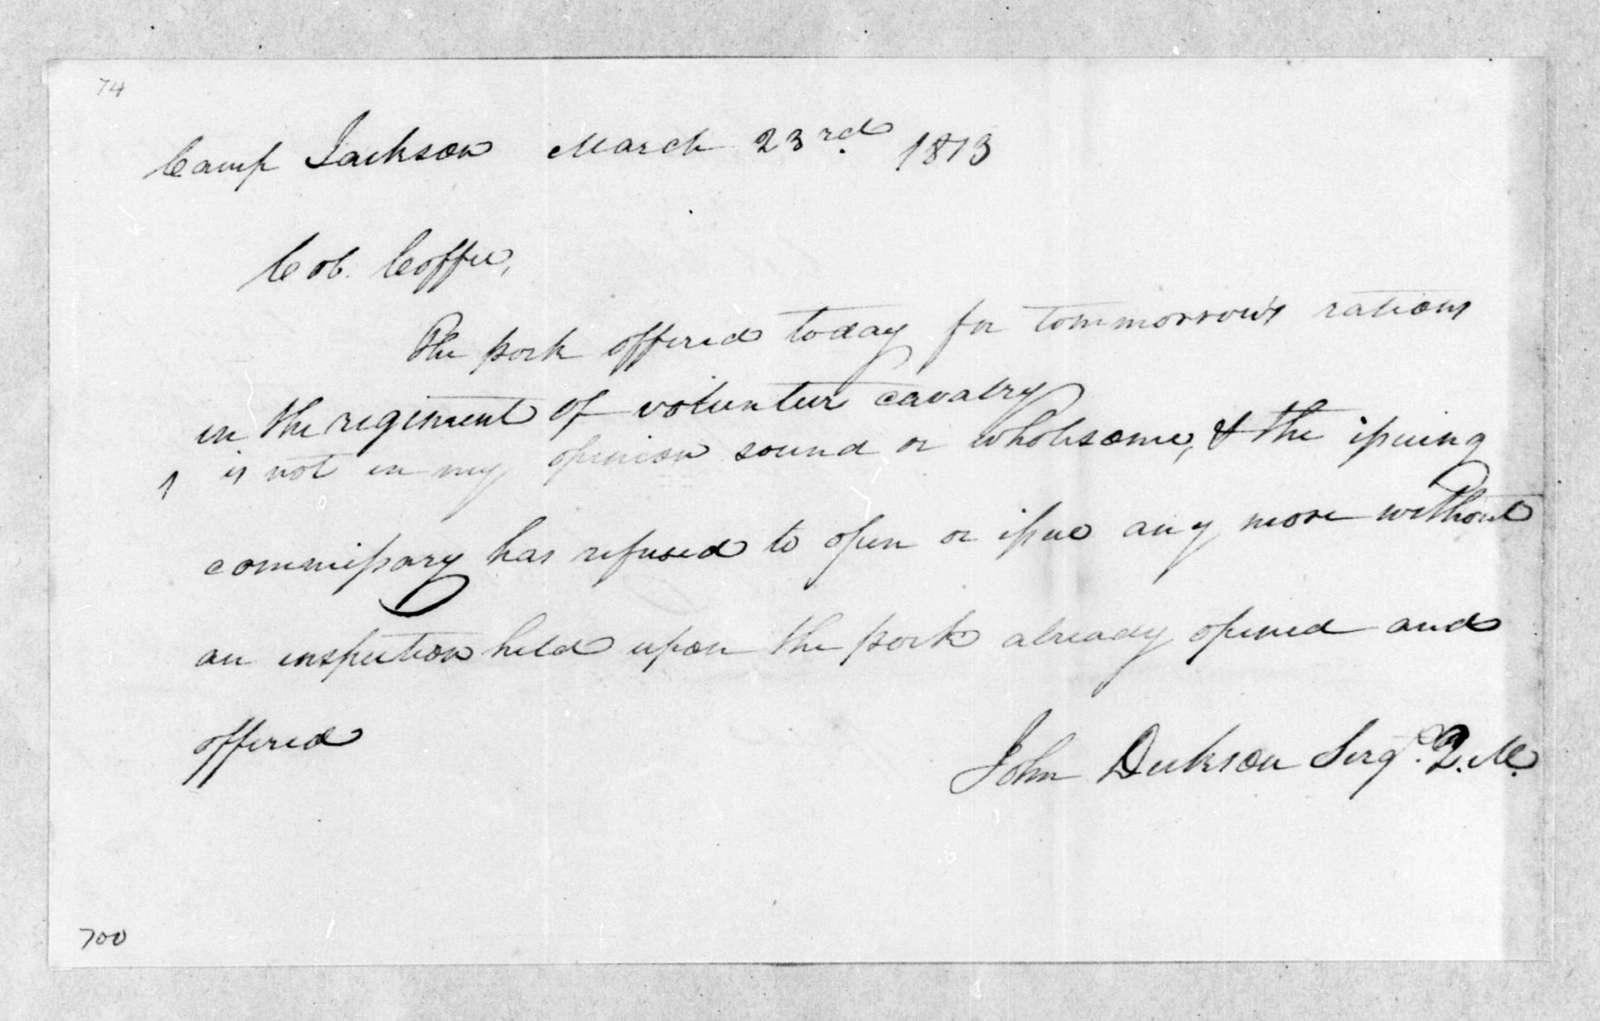 John Dickson to John Coffee, March 23, 1813